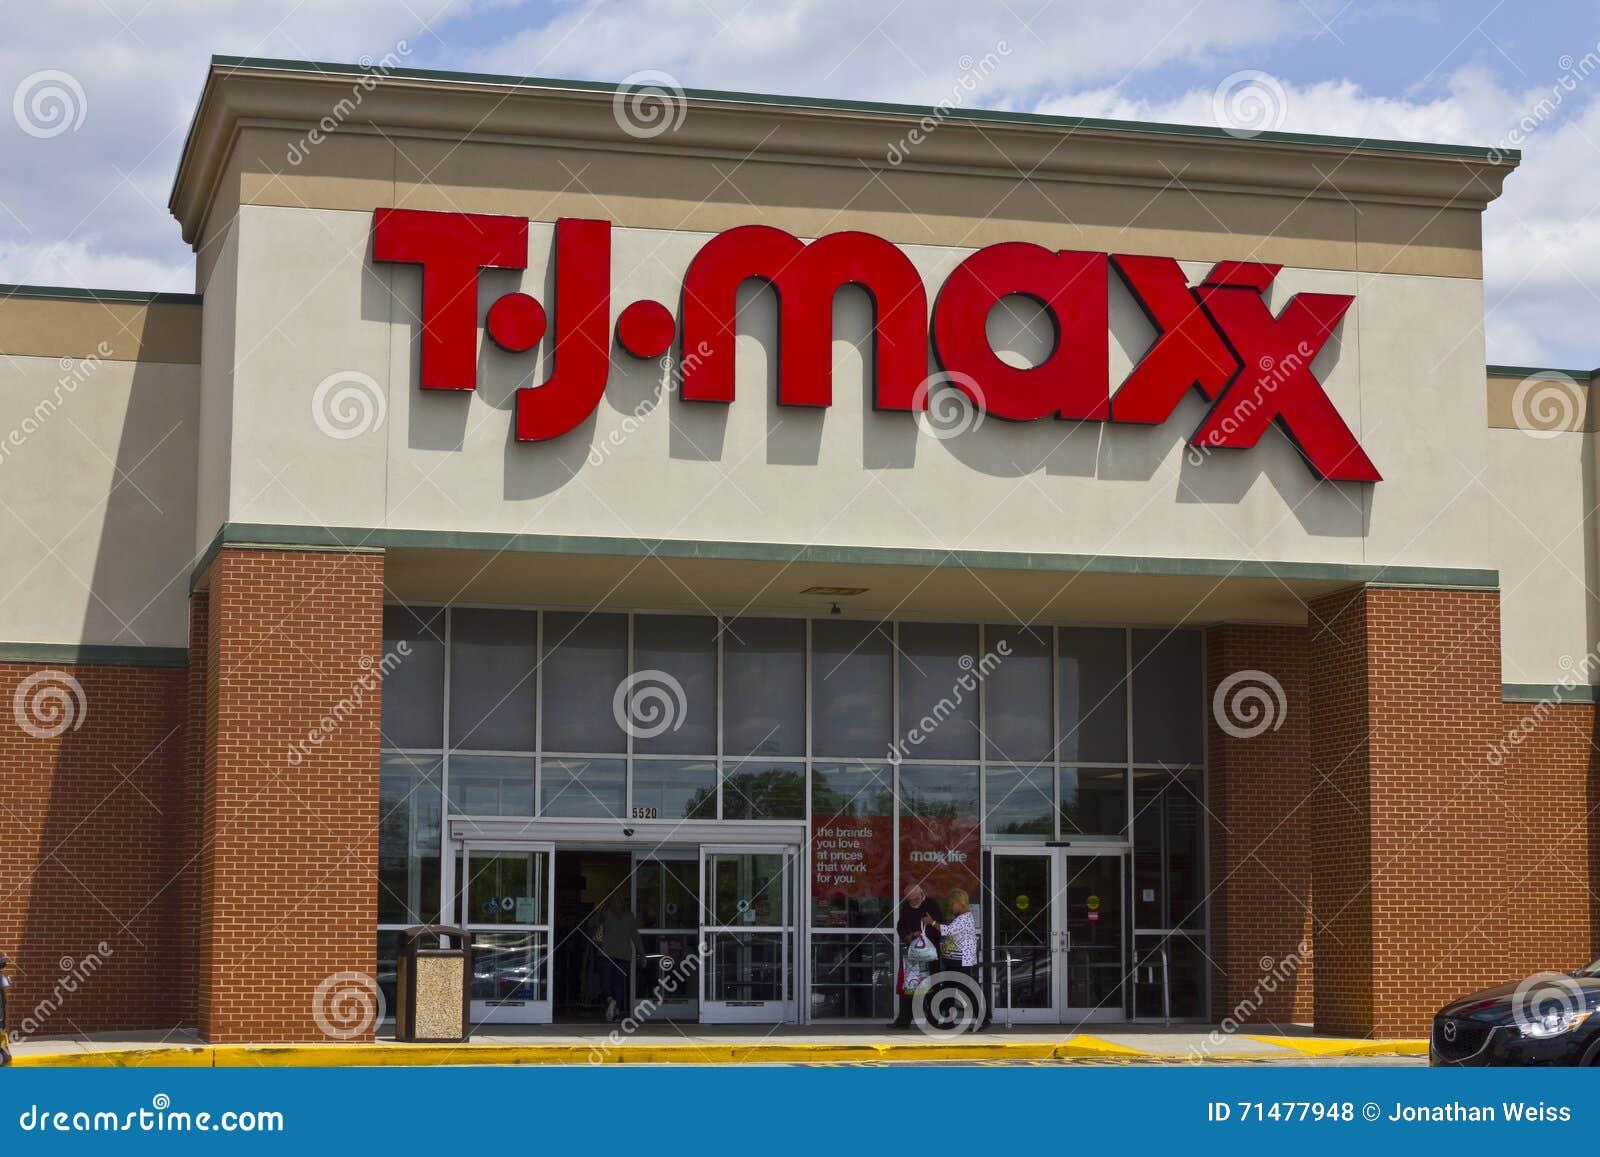 Indianapolis - circa mayo de 2016: T J Maxx Retail Store Location I